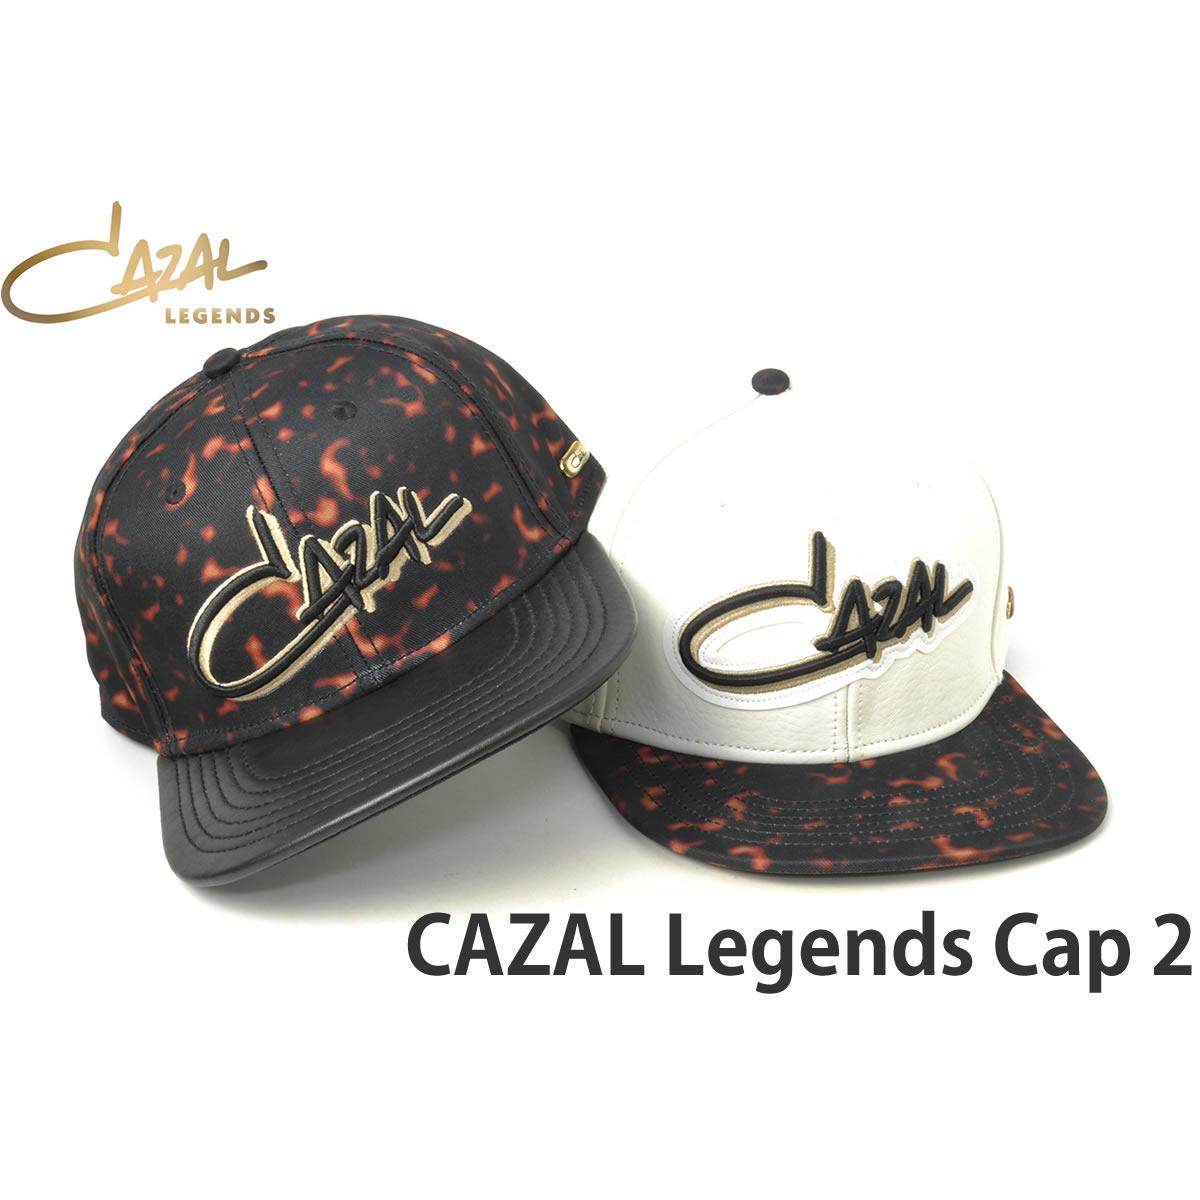 19日18時まで使える10%OFFクーポン登場! 【CAZAL】(カザール) キャップ レザー 専用巾着袋付 CAZAL CAP LEGENDS LEATHER 本革 帽子 レジェンド レジェンズ メンズ レディース [ACC]